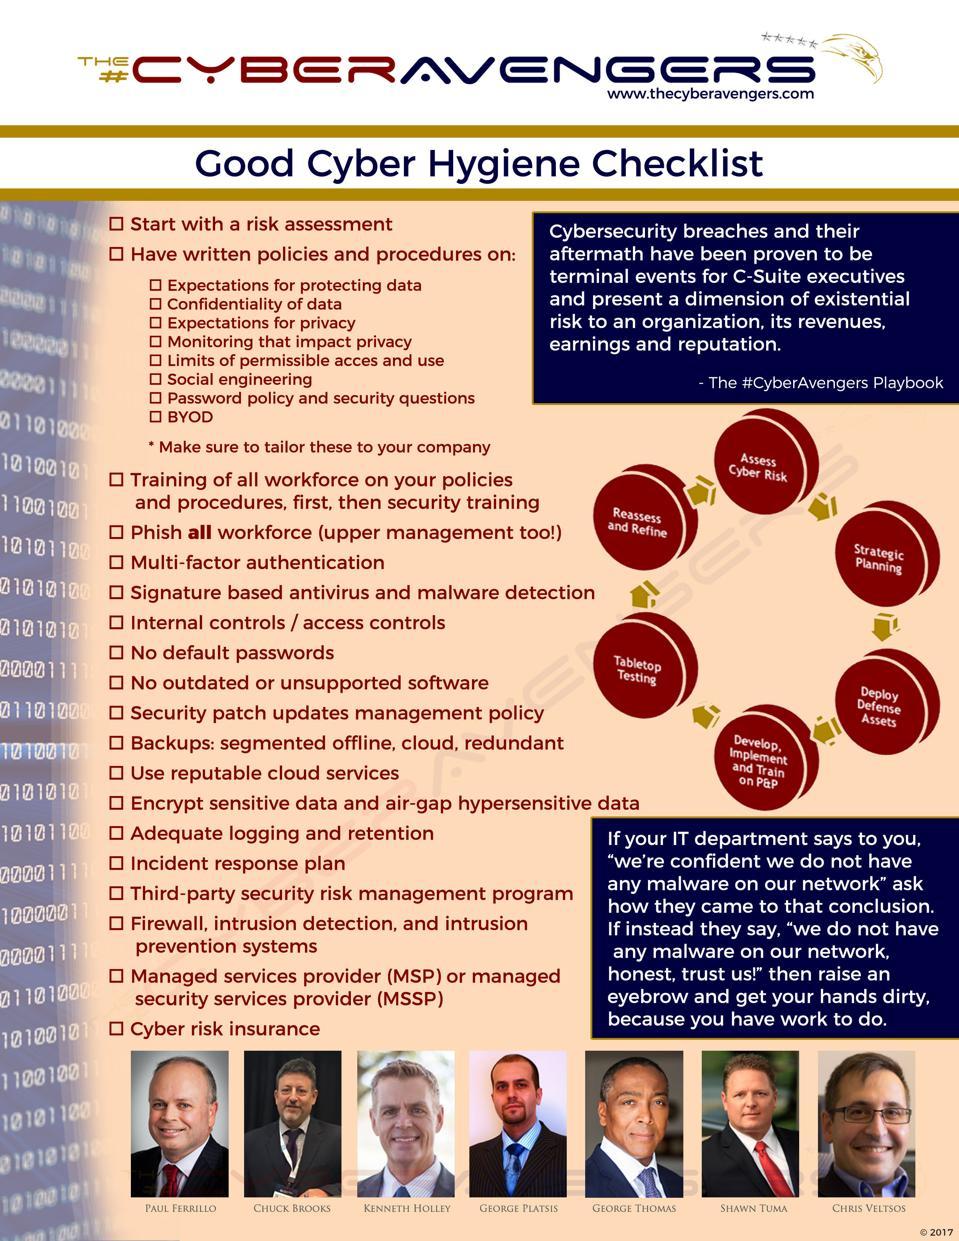 Good Cyber Hygiene Checklist